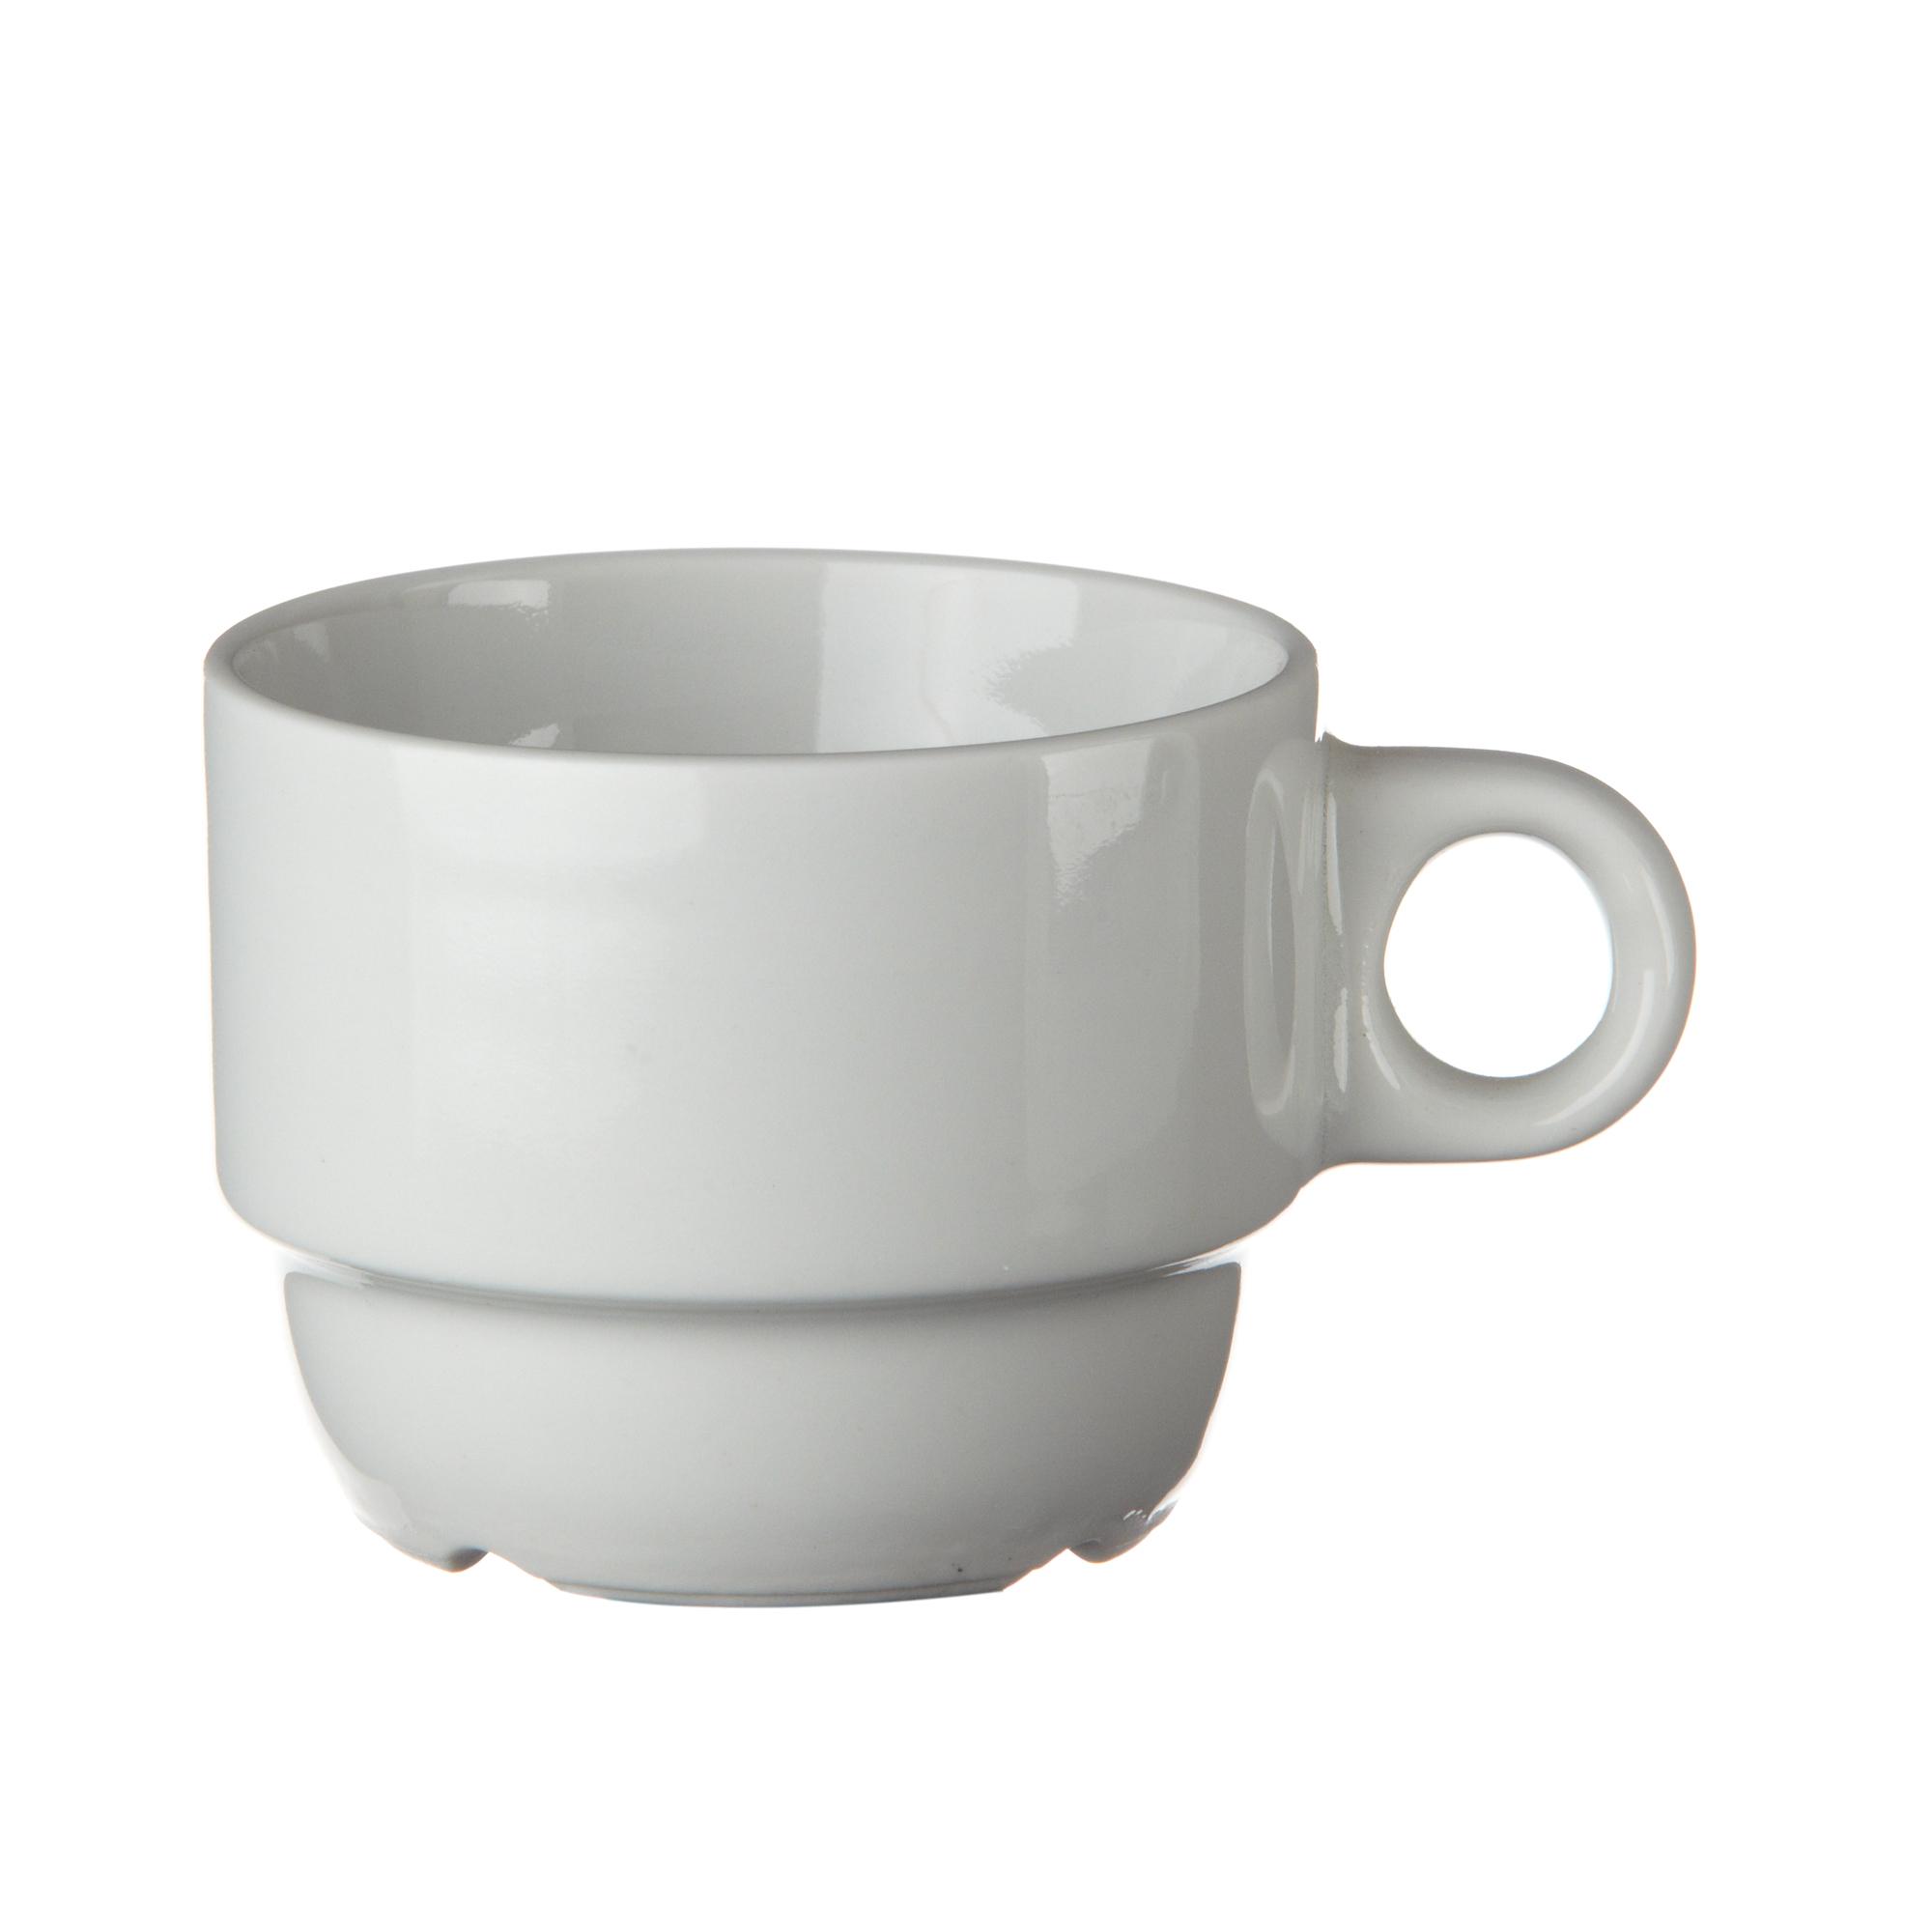 Cuill Ef Bf Bdre  Ef Bf Bd Caf Ef Bf Bd Couleur Porcelaine